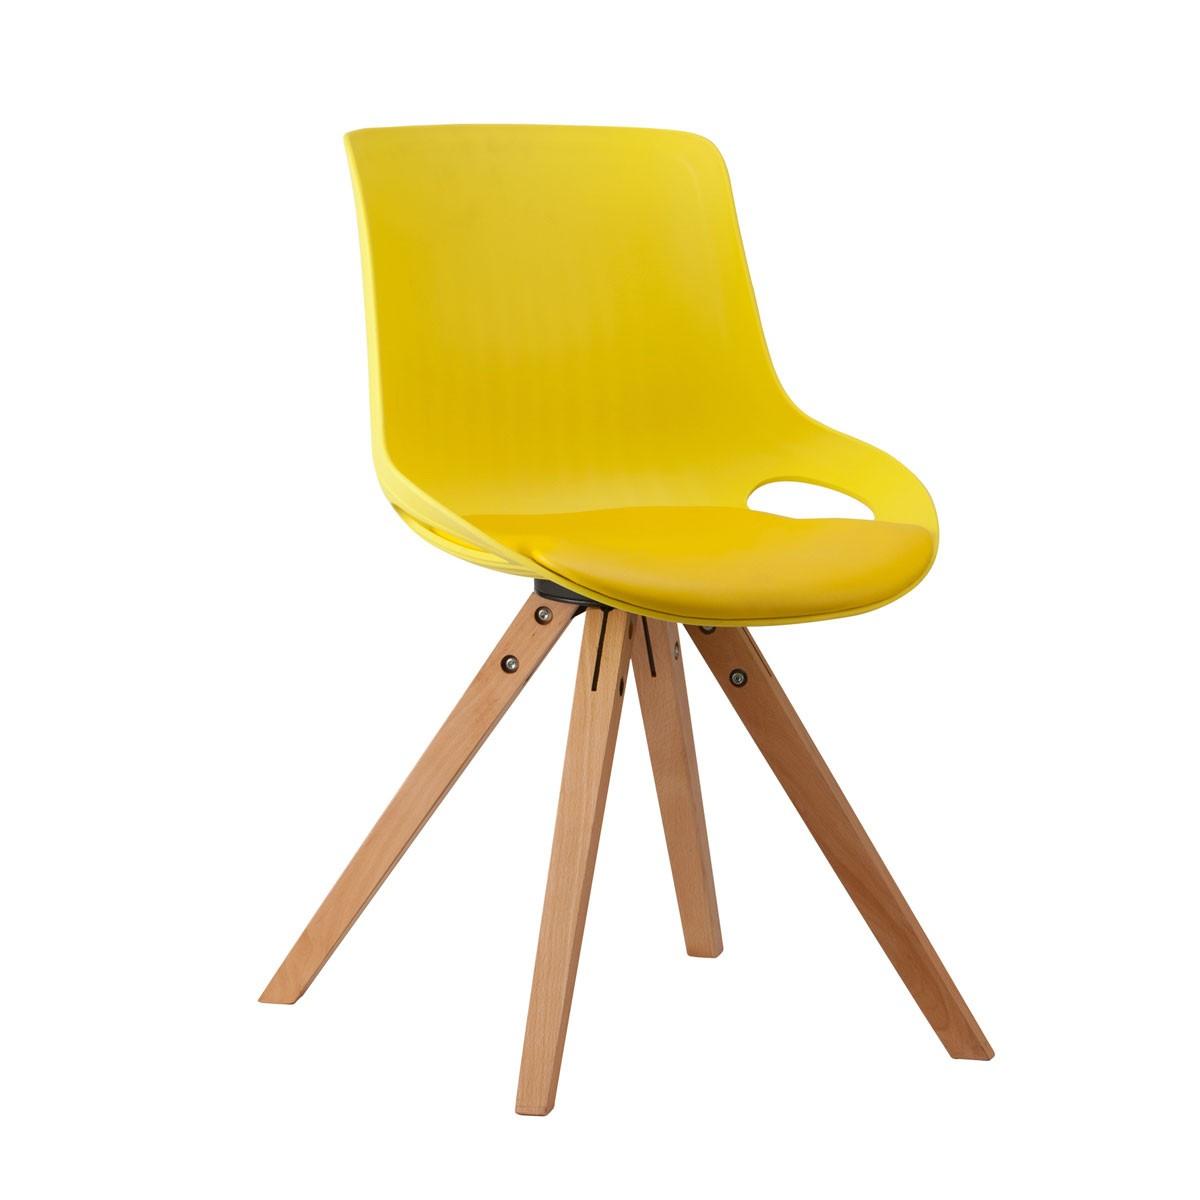 Chaise plastique en jaune avec 4 pieds bois ymg 9305c 1 for Chaise avec pied en bois